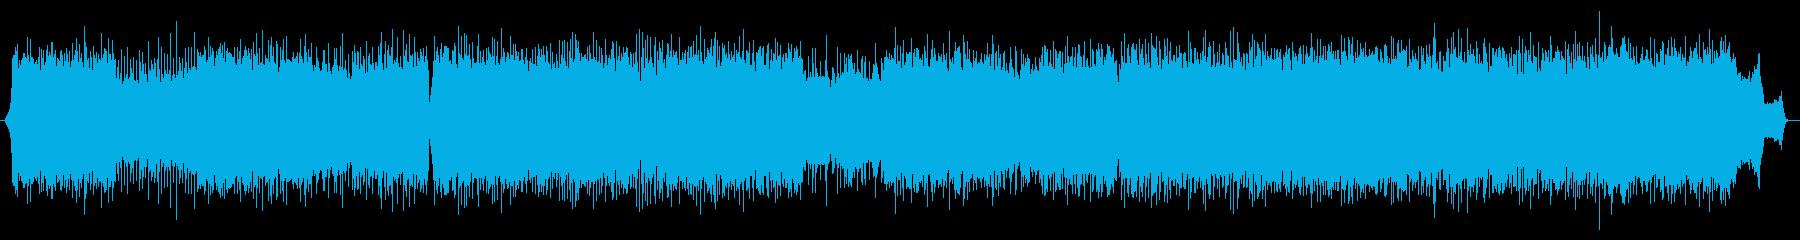 アップテンポで明るいアニメ風ポップスの再生済みの波形